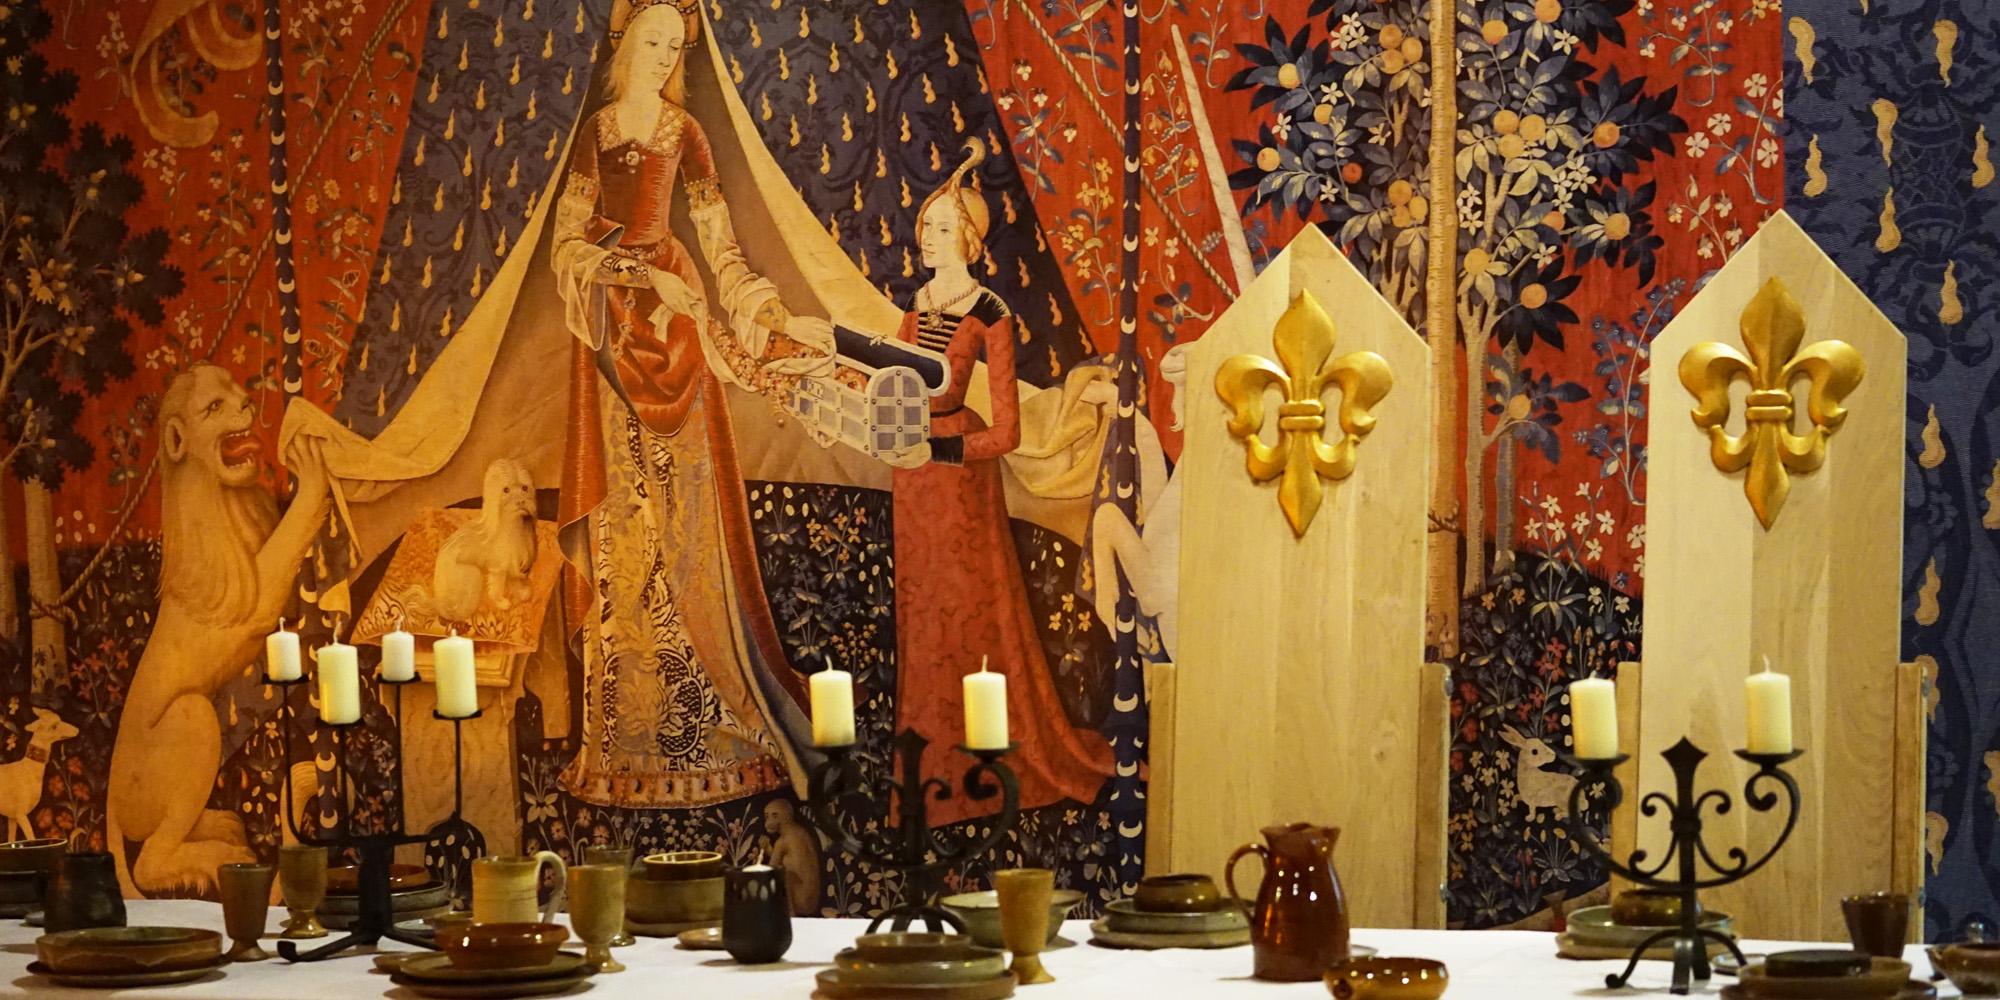 reconstitution allegorique d'un banquet medieval pour evenementiel et tournage